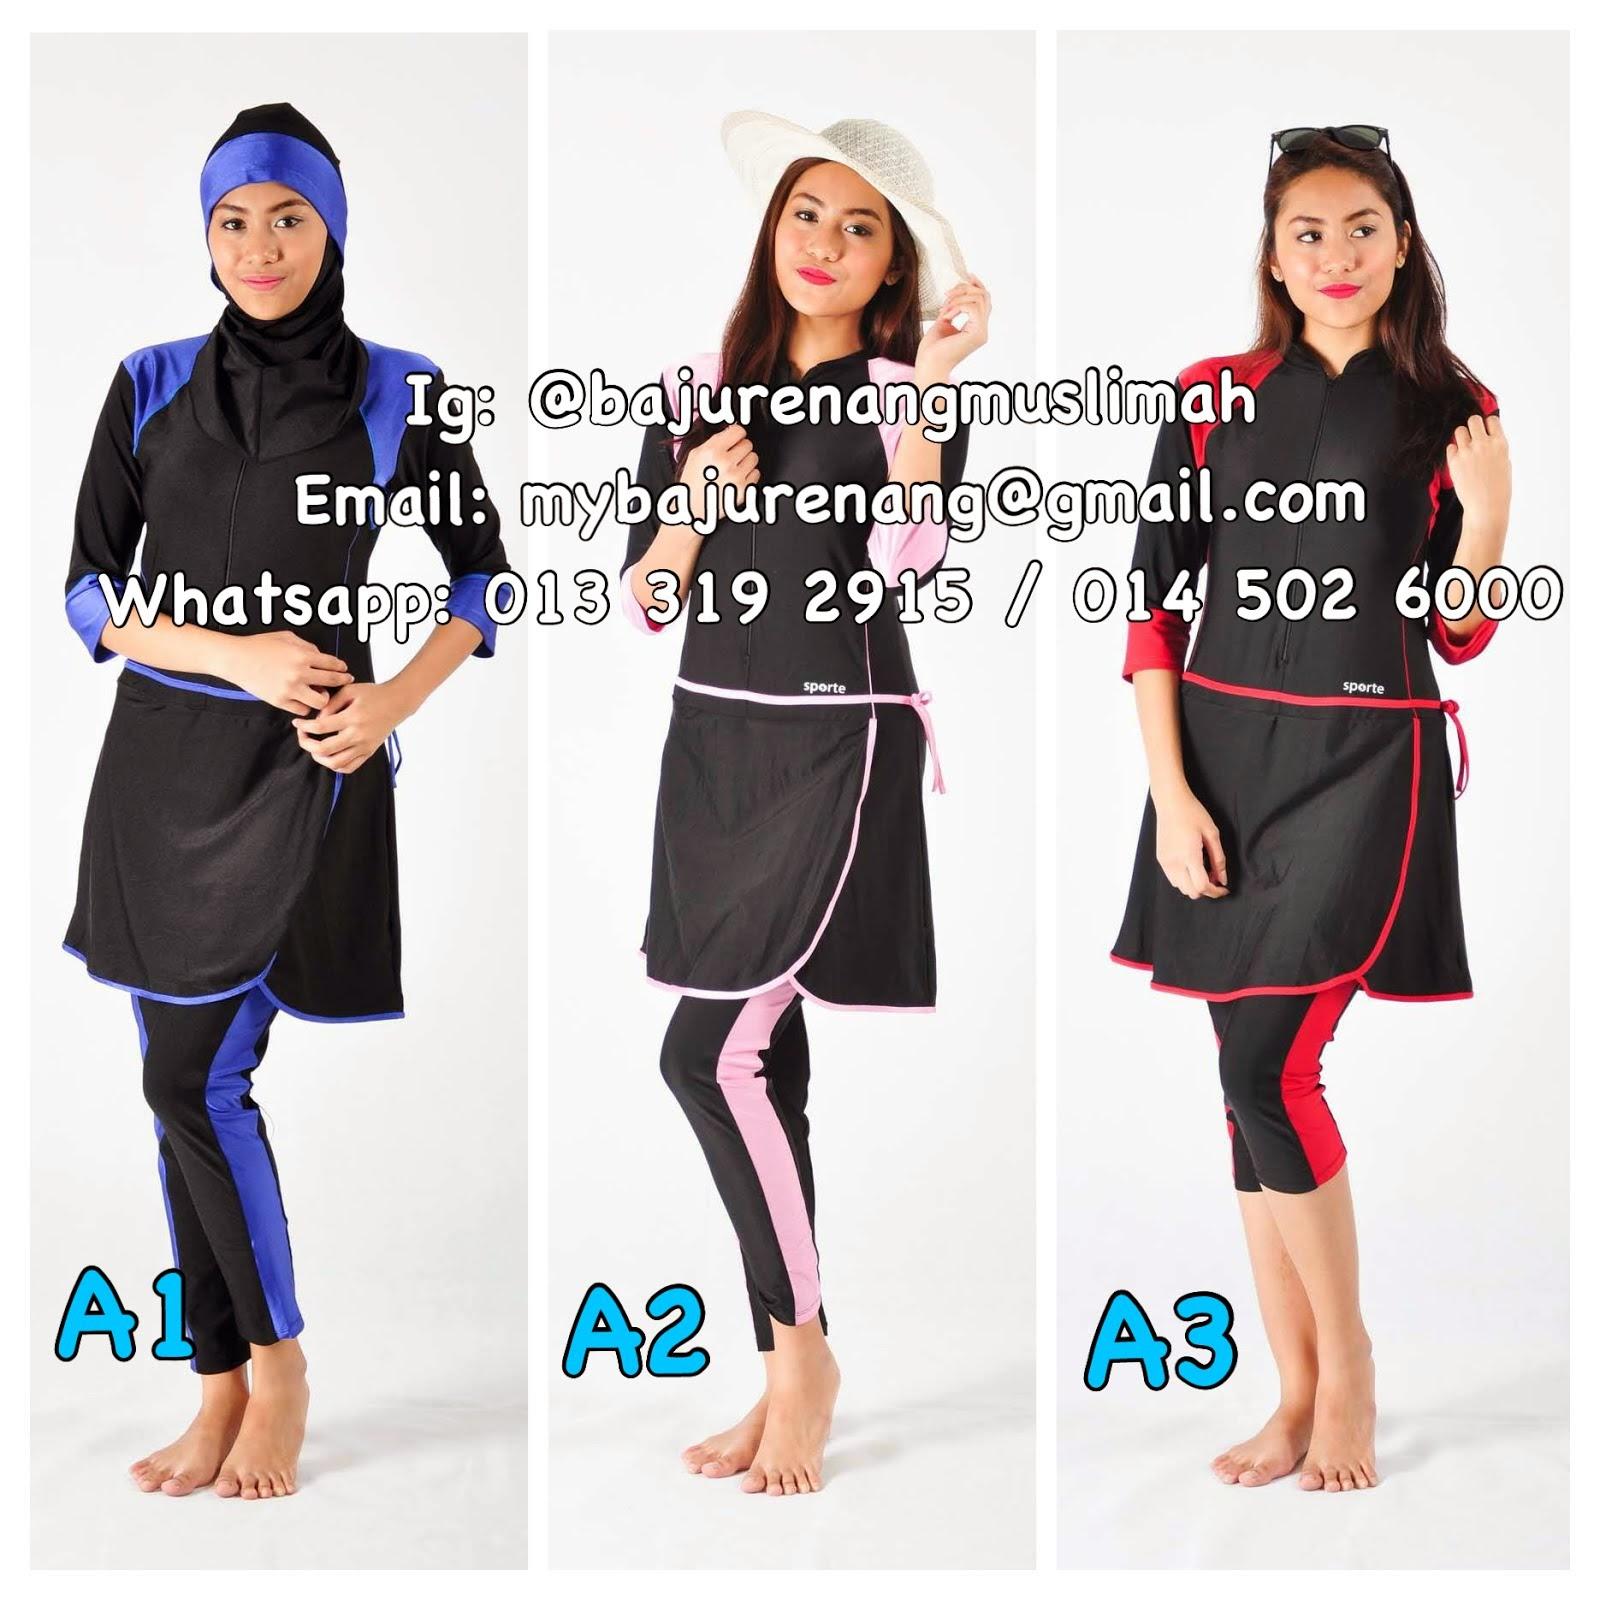 Baju Renang Lengan/Seluar 3 Suku (Design A1, A2 & A3)